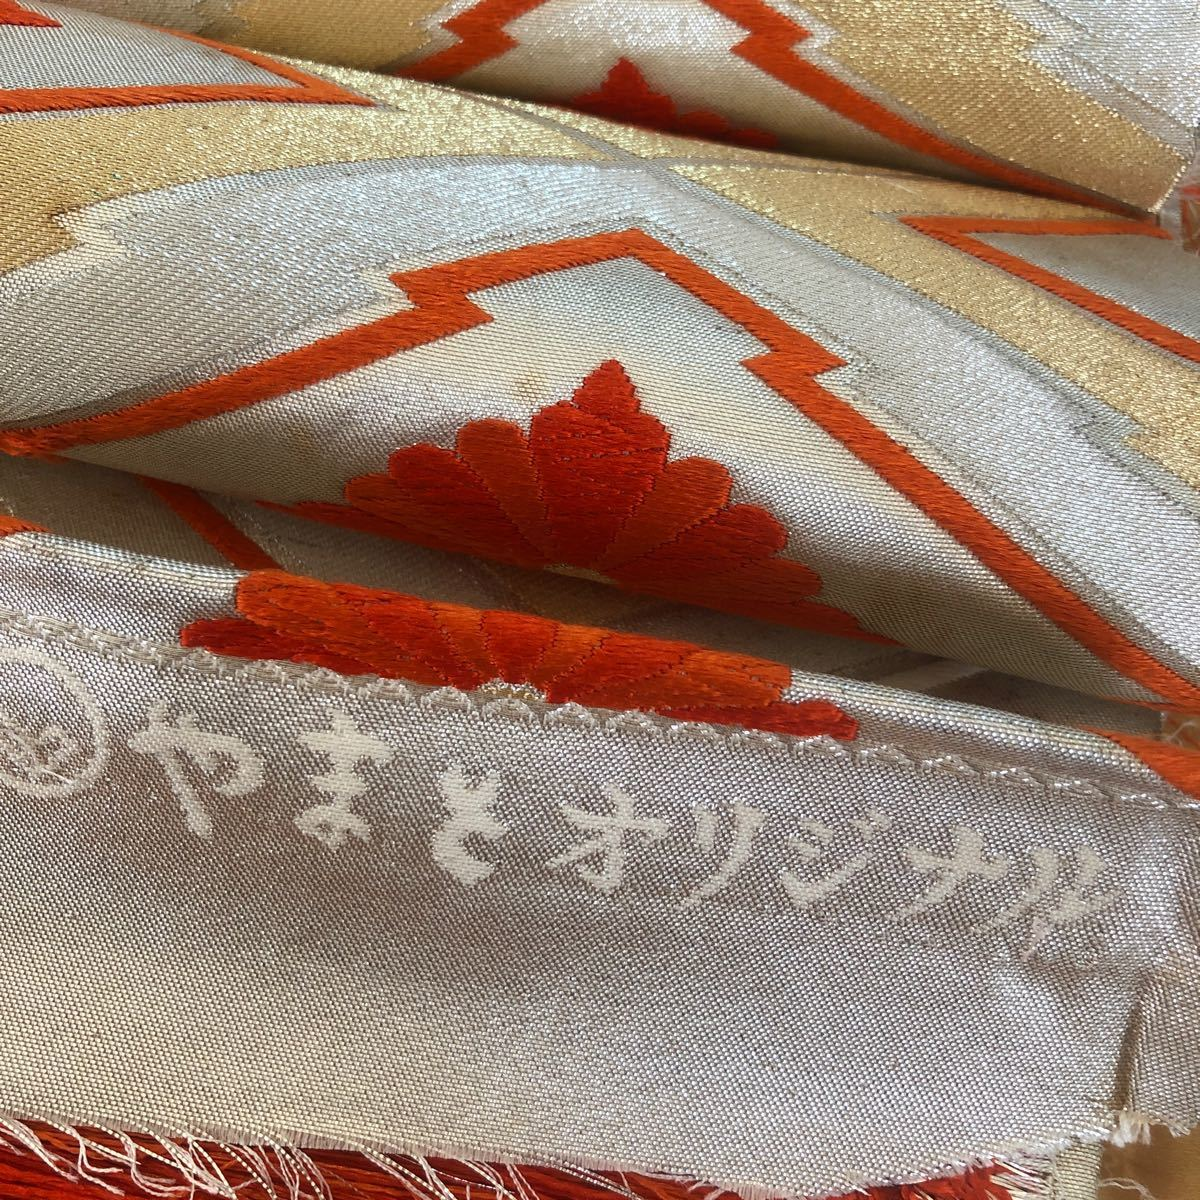 正絹帯ほどき  やまとオリジナル 赤 金 銀 菊花 菱形 はぎれ  吊るし飾り お人形作り 着物リメイク